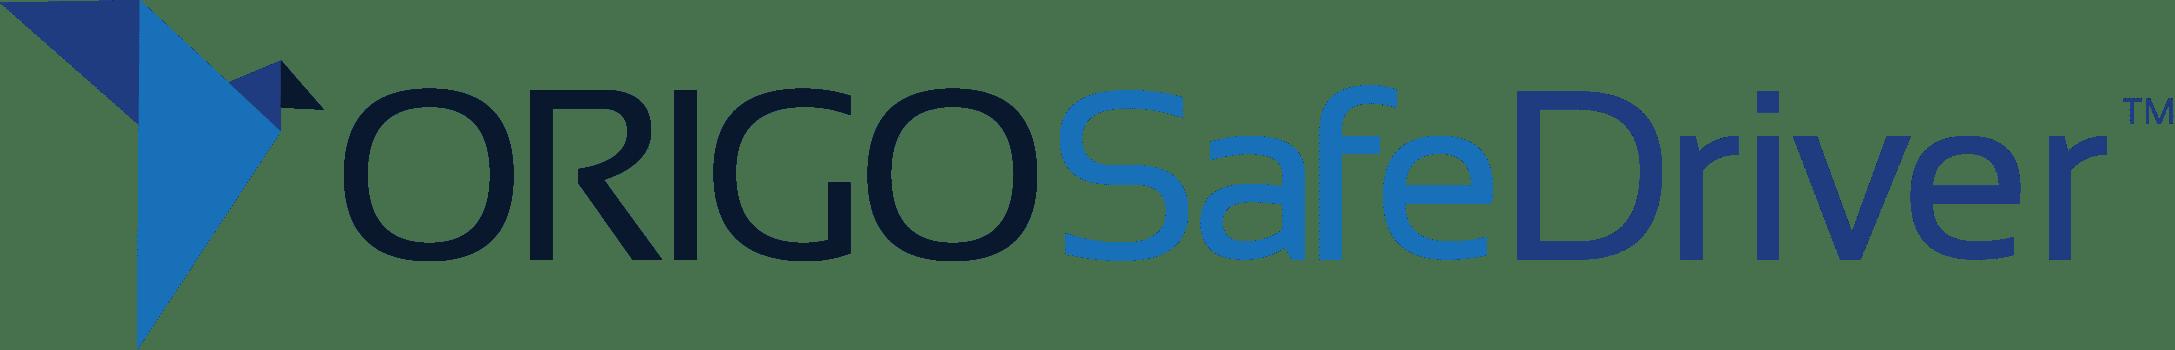 ORIGOSafeDriver Logo